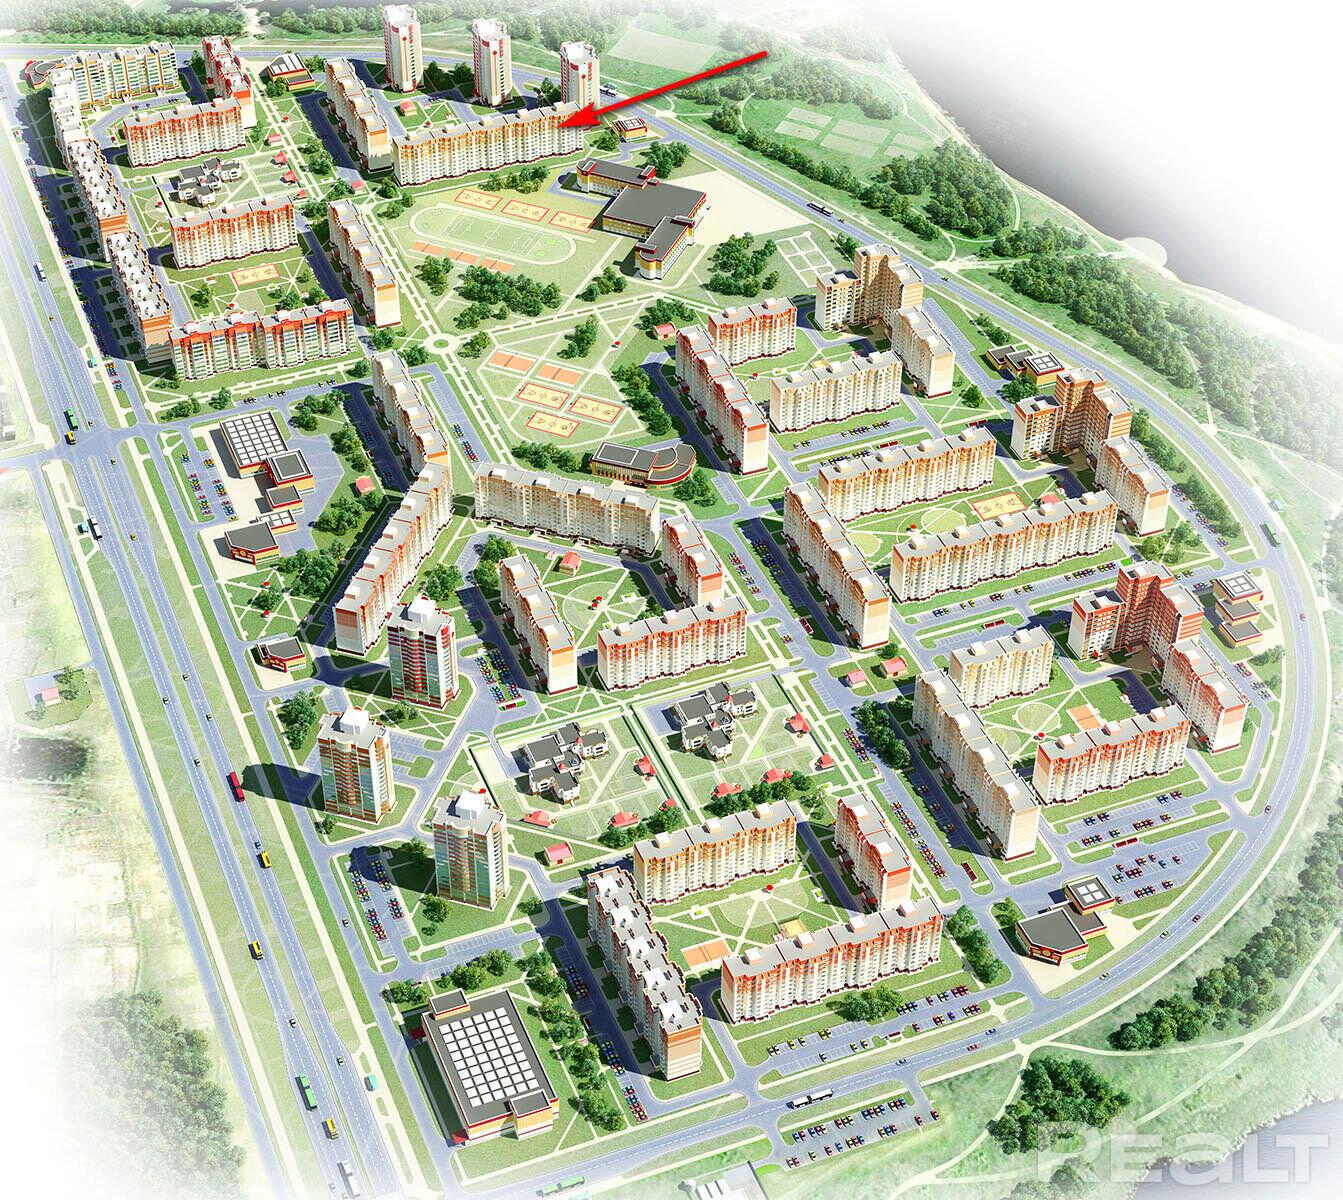 Продажа 3-х комнатной квартиры, г. Гомель, ул. Денисенко, дом 16 (р-н Шведская горка). Цена 131 493 руб